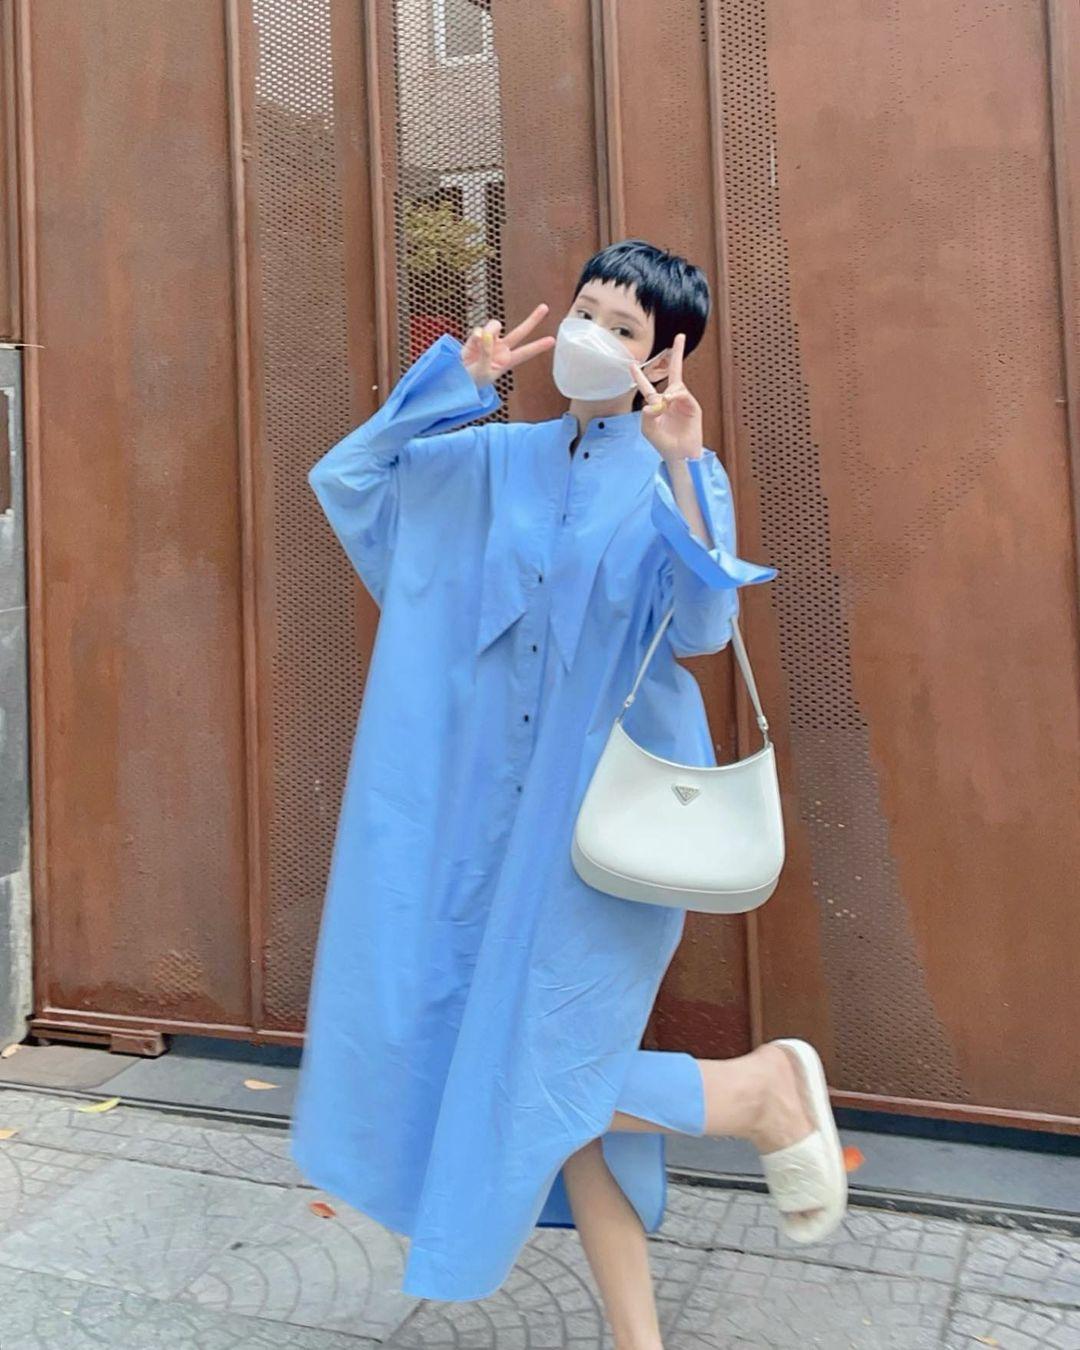 Instagram look sao Việt: Minh Hằng xinh ngút ngàn với váy local brand, Tóc Tiên lên đồ sành điệu - Ảnh 7.